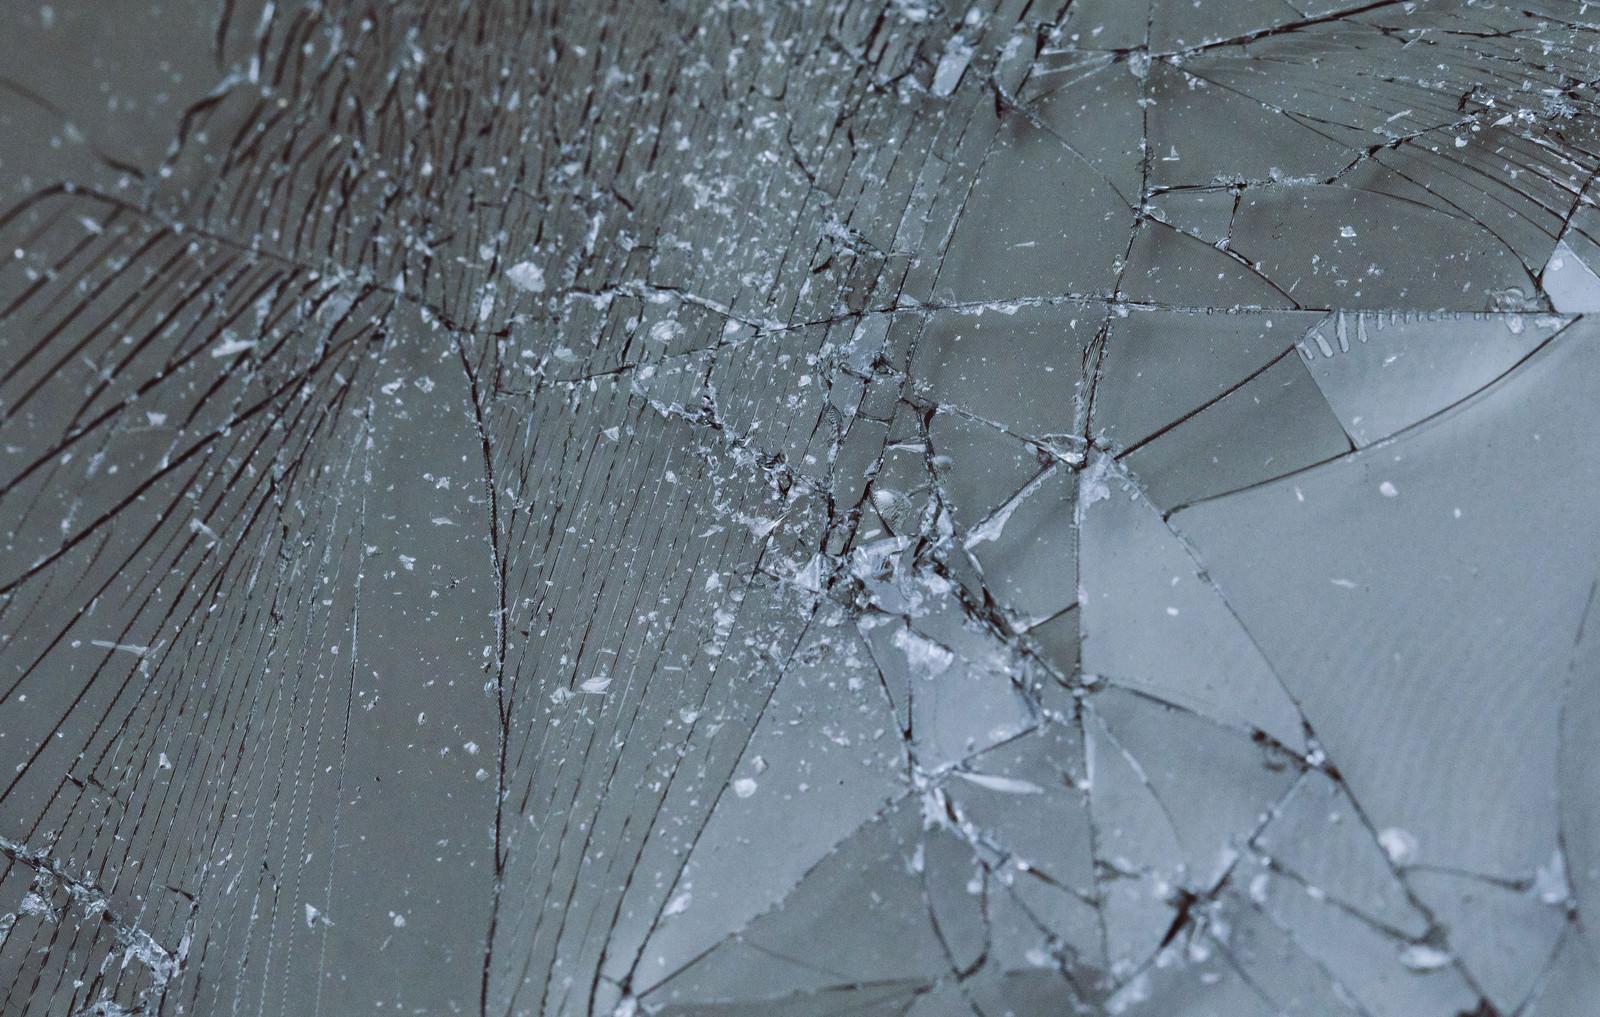 「割れてしまった液晶フィルム」の写真